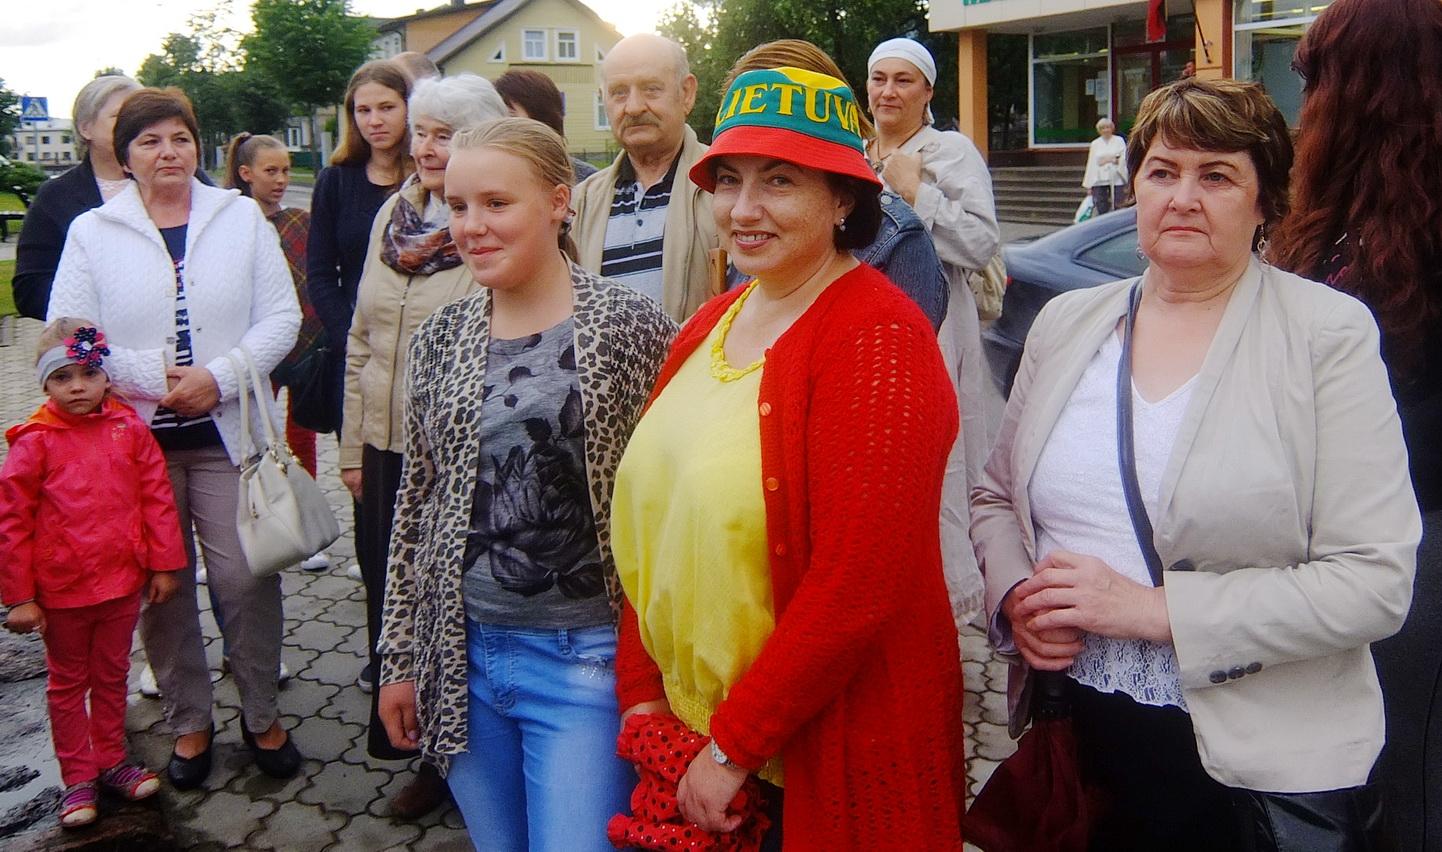 Verslininkė Laima Majuvienė  pasipuošė kepuraite su tautine simbolika.